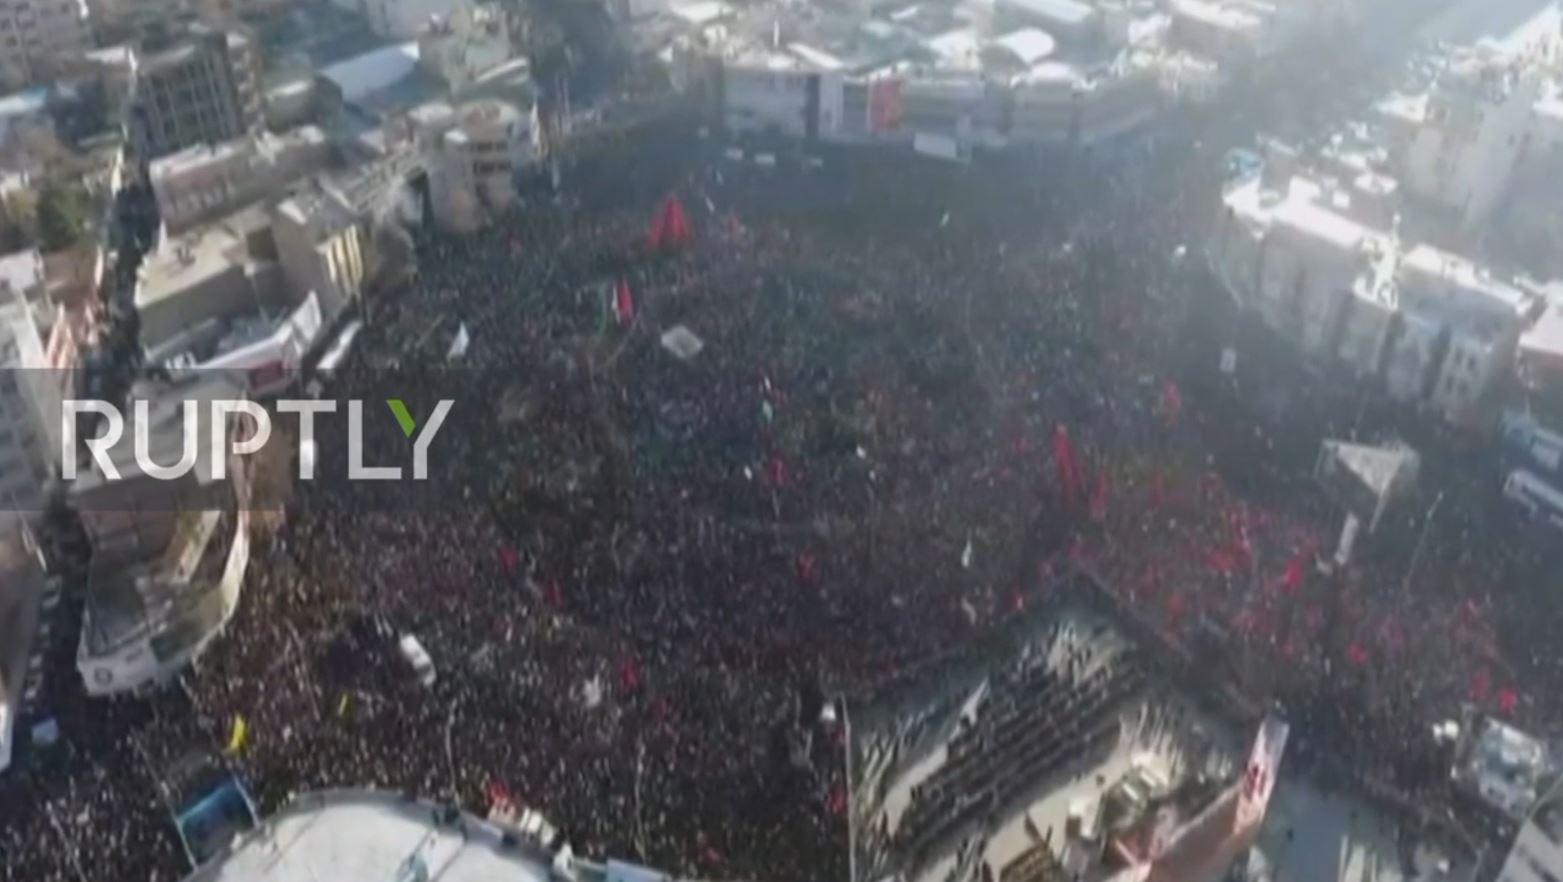 Viktima dhe të plagosur gjatë varrimit të gjeneralit Soleiman në Iran